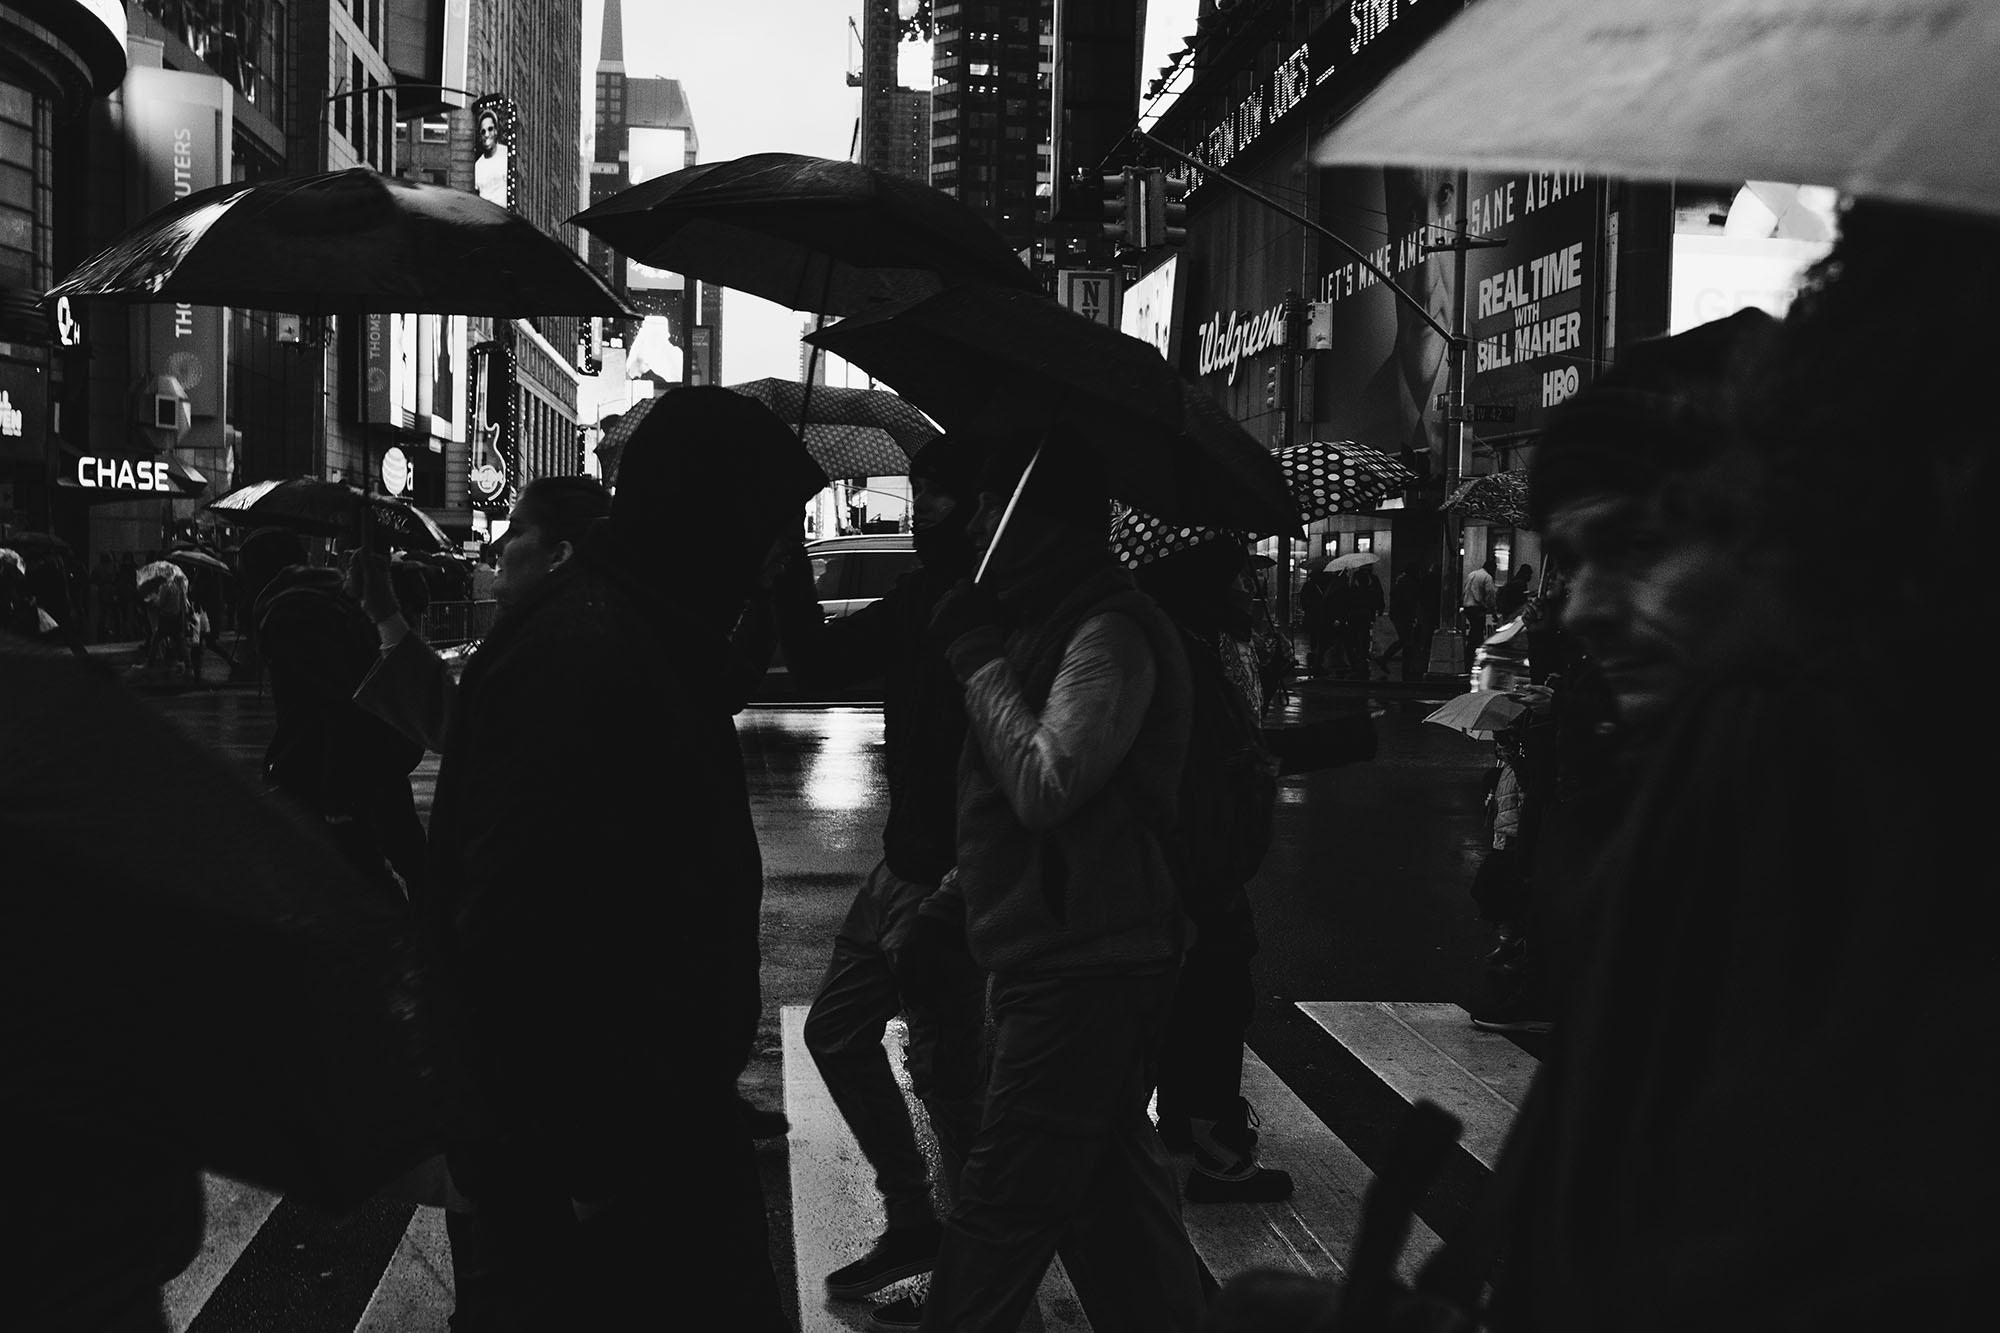 Blade_runner_Streets.jpg